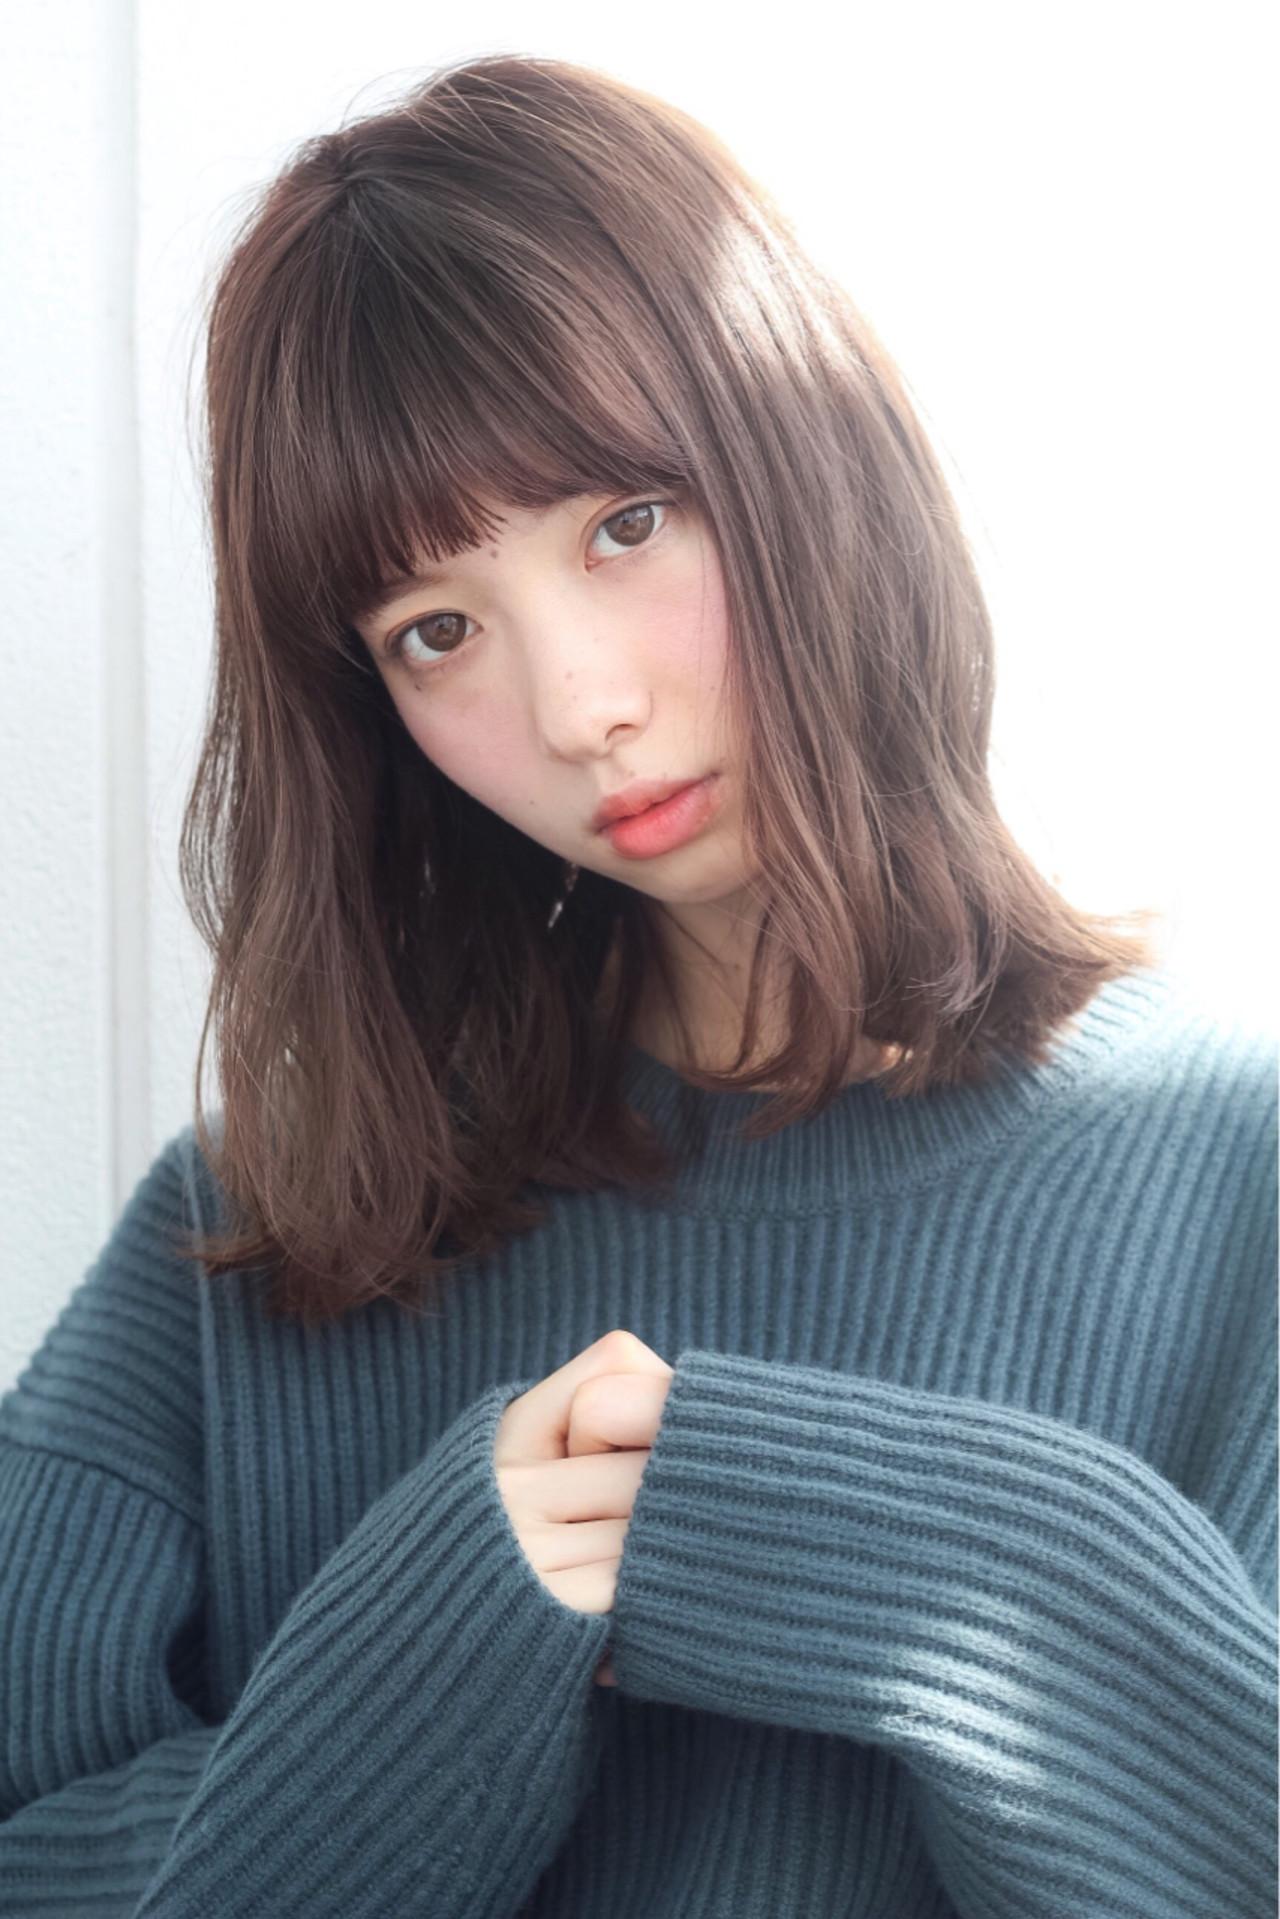 パーマ ミディアム ピュア ガーリー ヘアスタイルや髪型の写真・画像